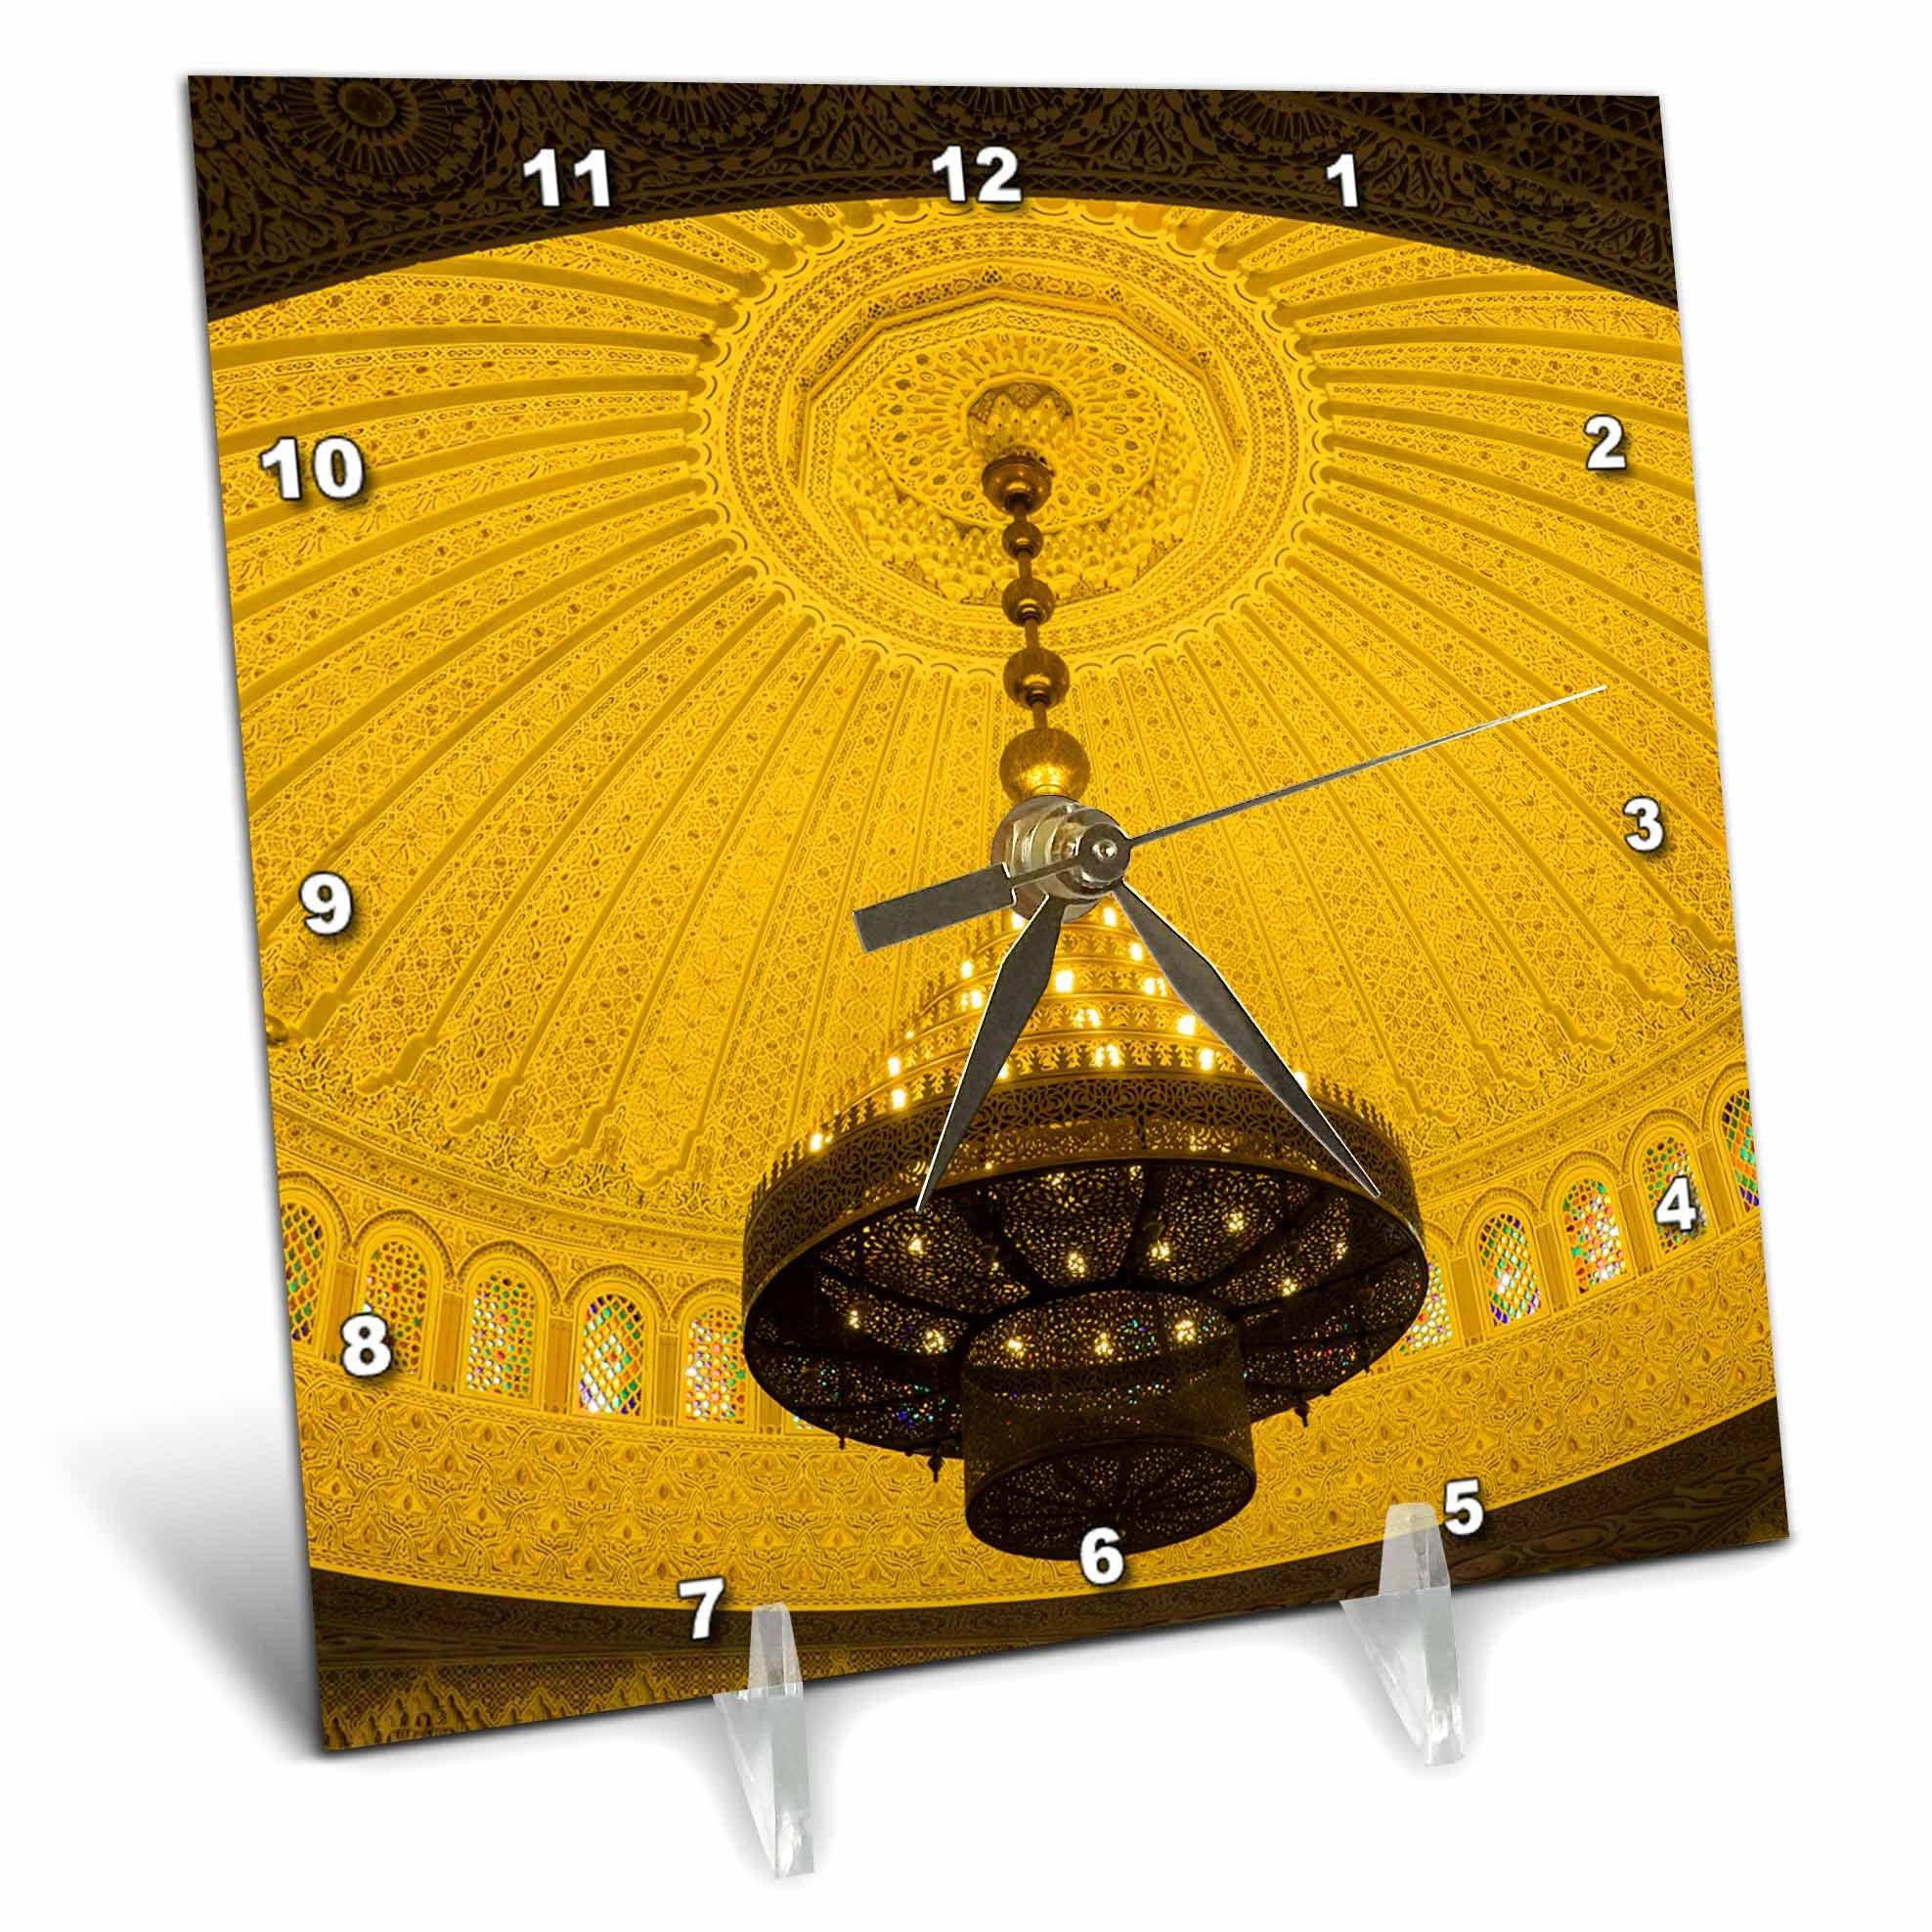 3dRose Danita Delimont - Architecture - Morocco, Meknes. Architectural detail of hotel interior. - 6x6 Desk Clock (dc_276496_1)